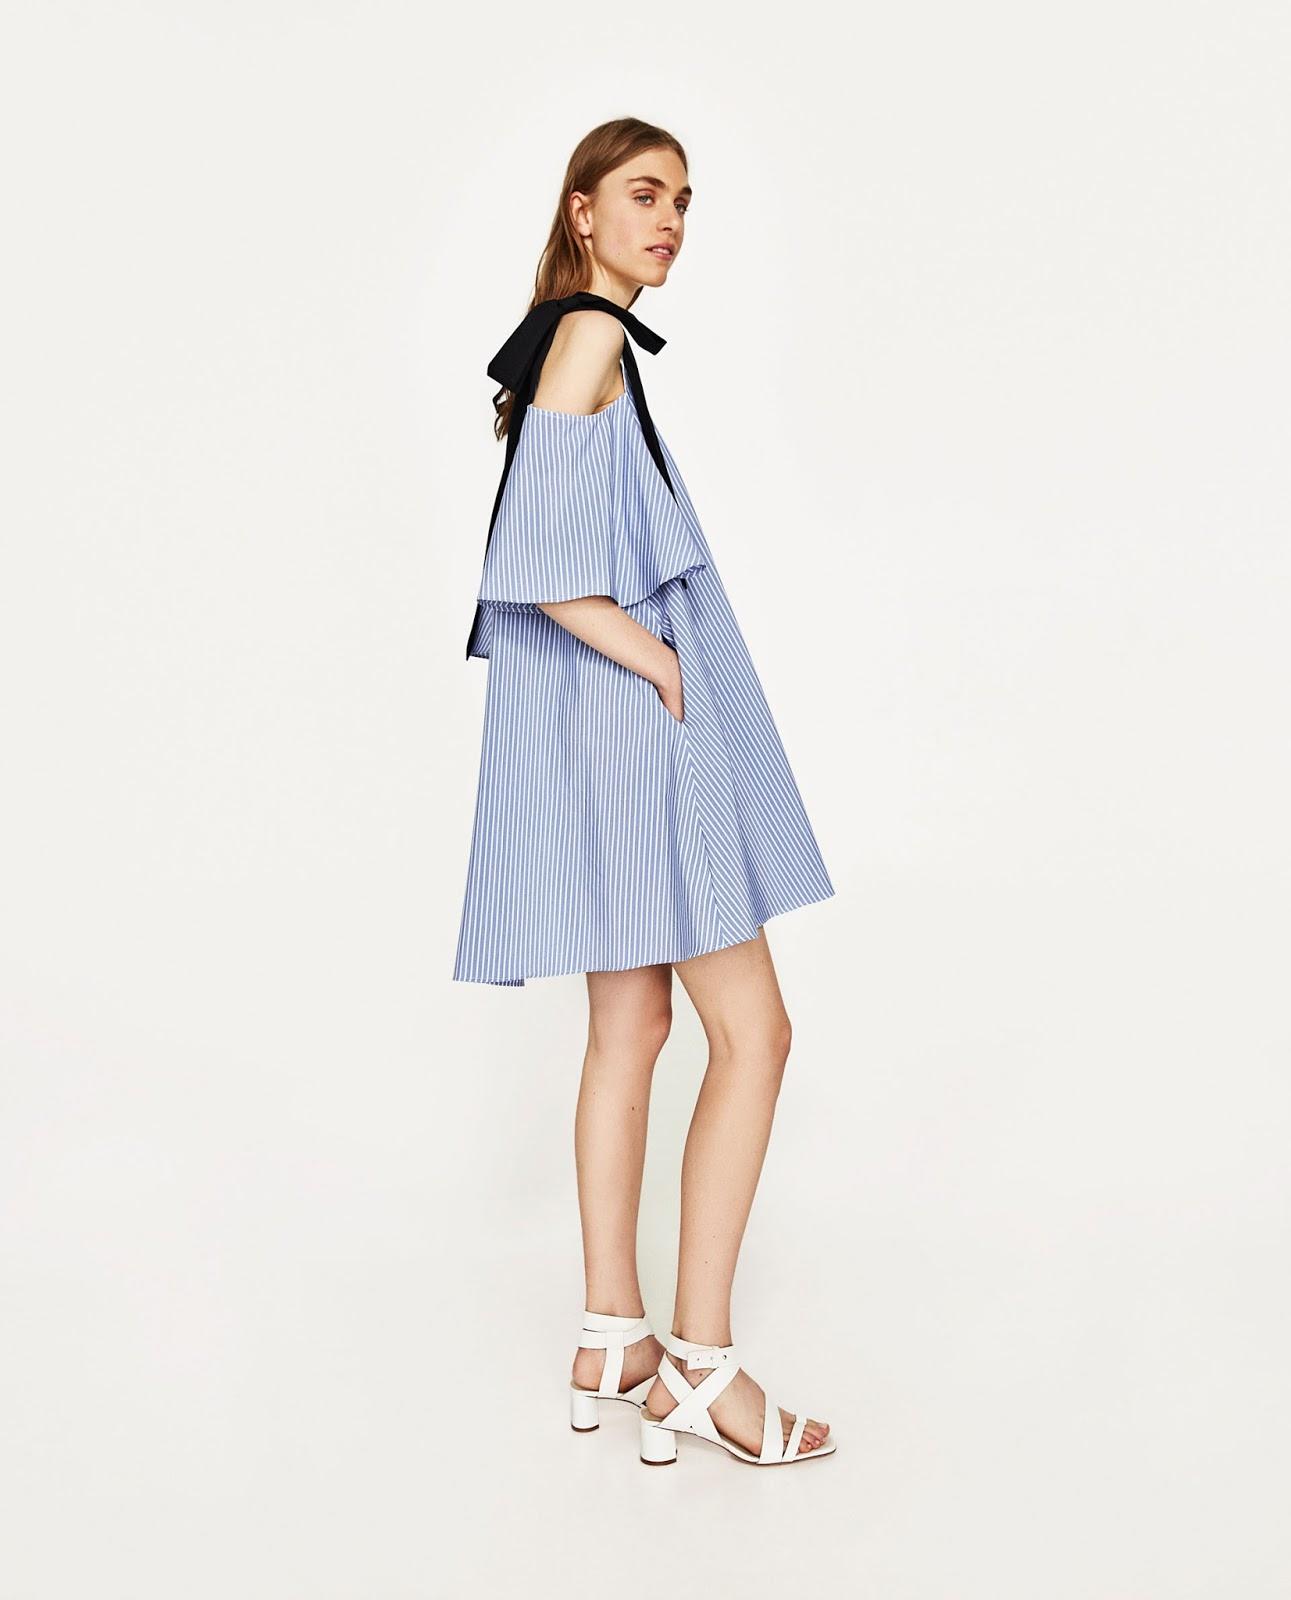 Quali vestiti scegliere per estate 2017 - Zara - Eniwhere Fashion